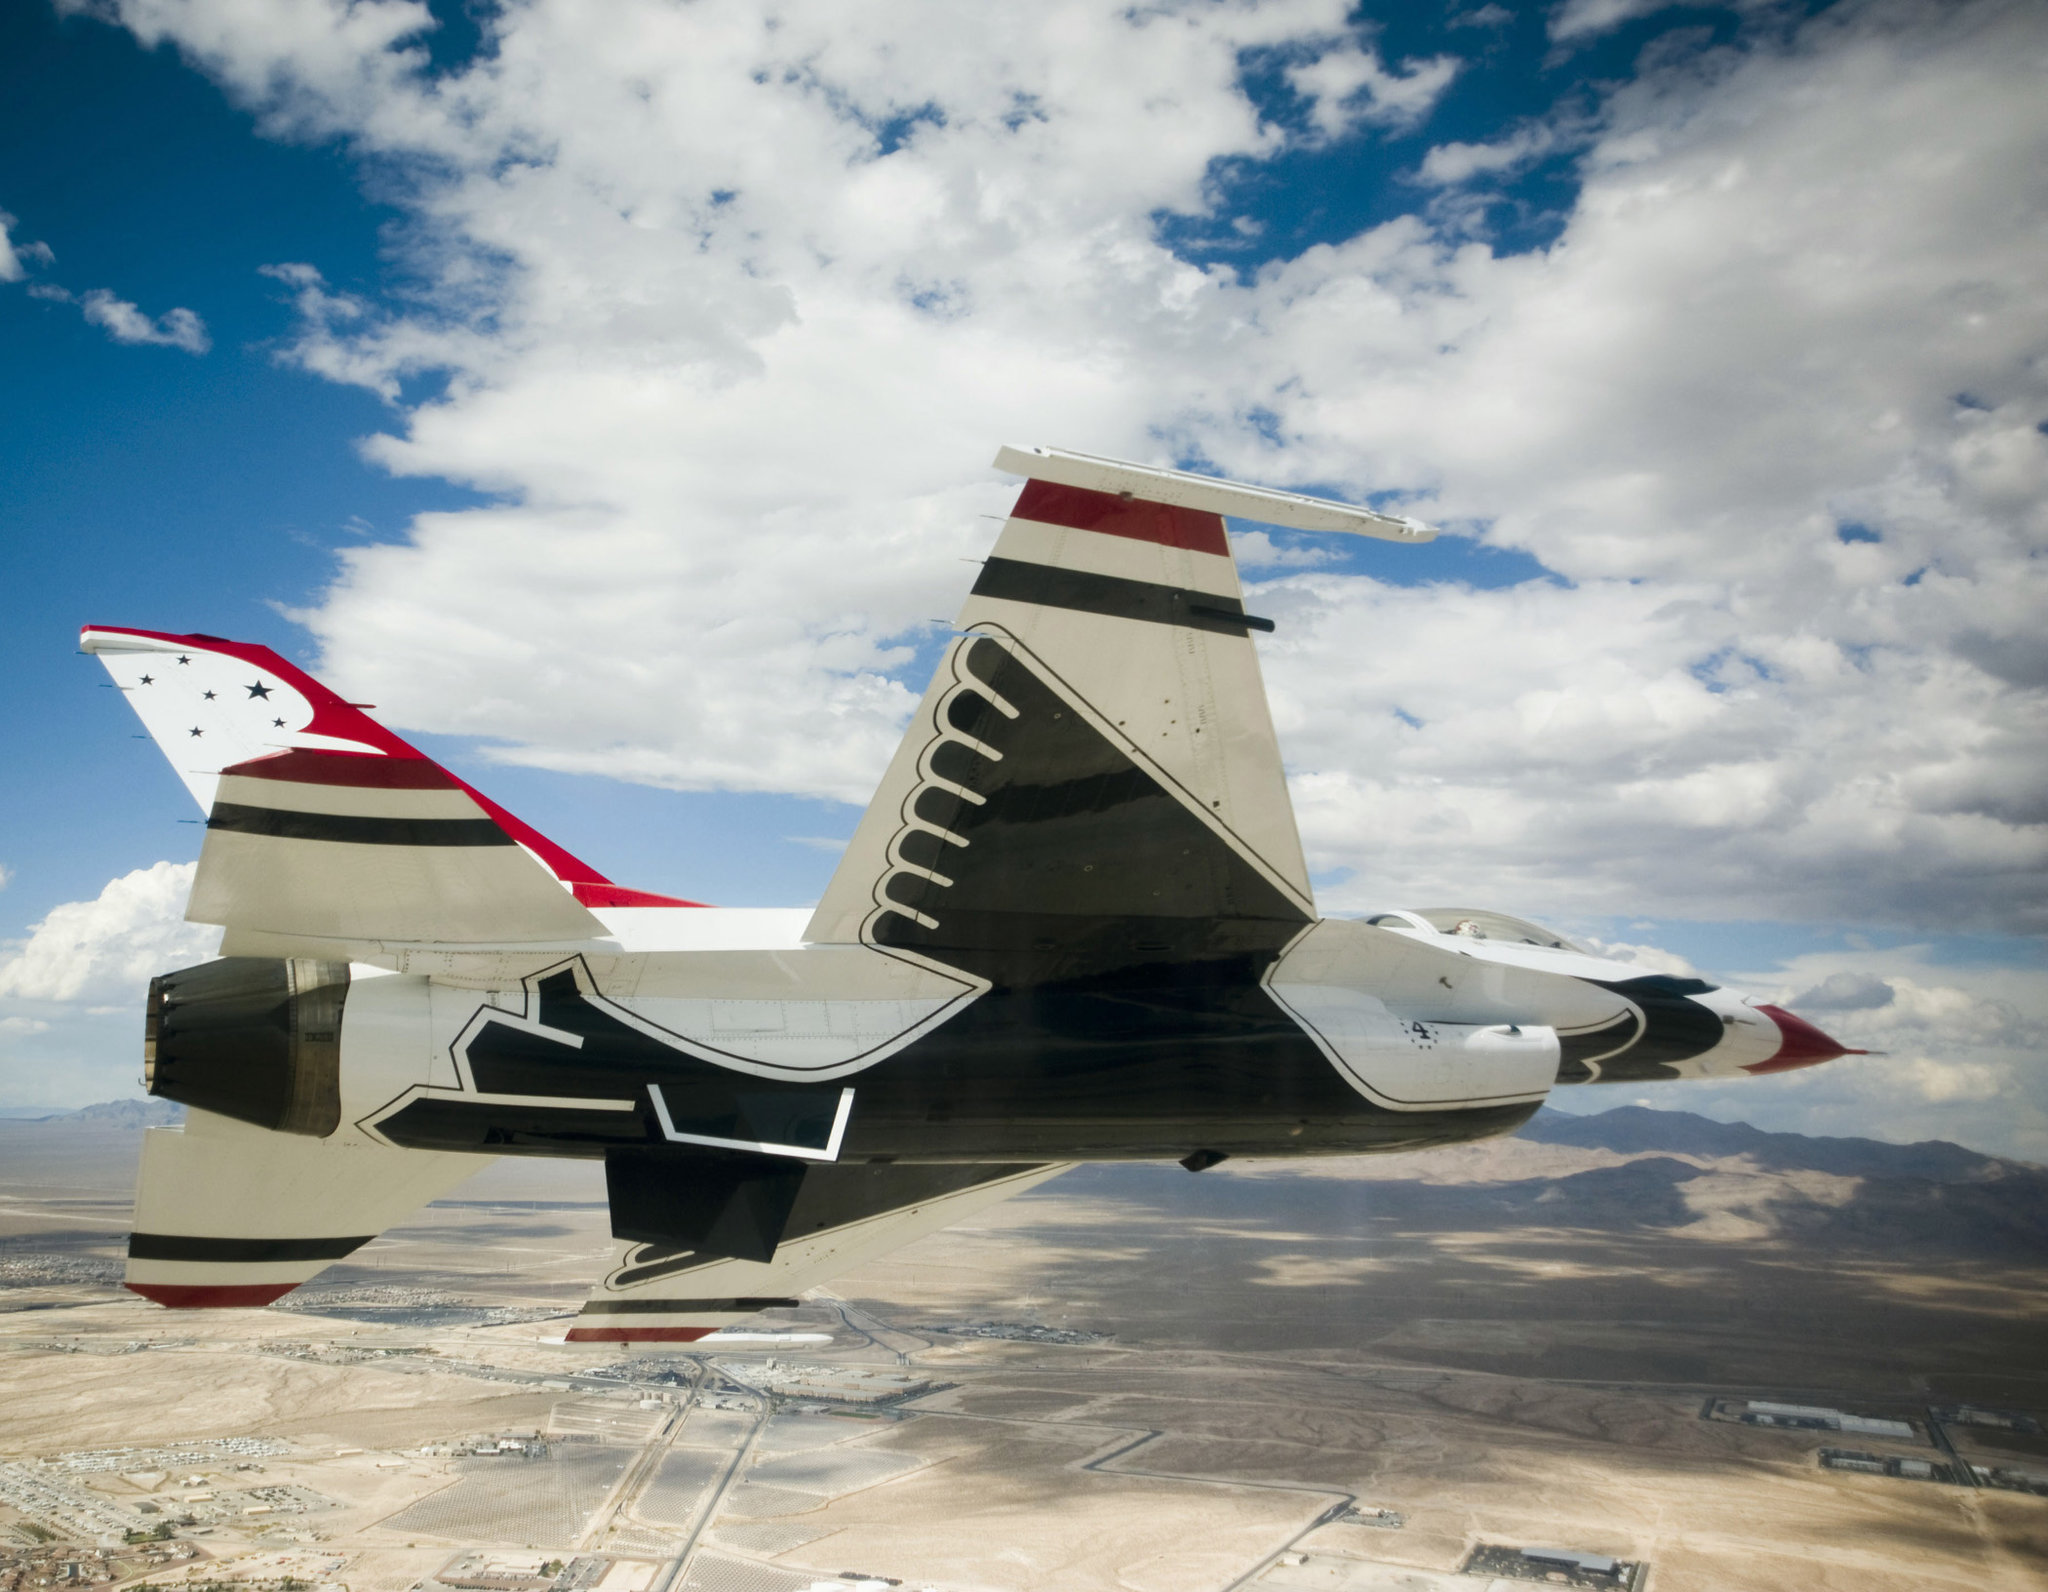 Истребитель пилотажной группы Thunderbirds [(сс) U.S. Air force]